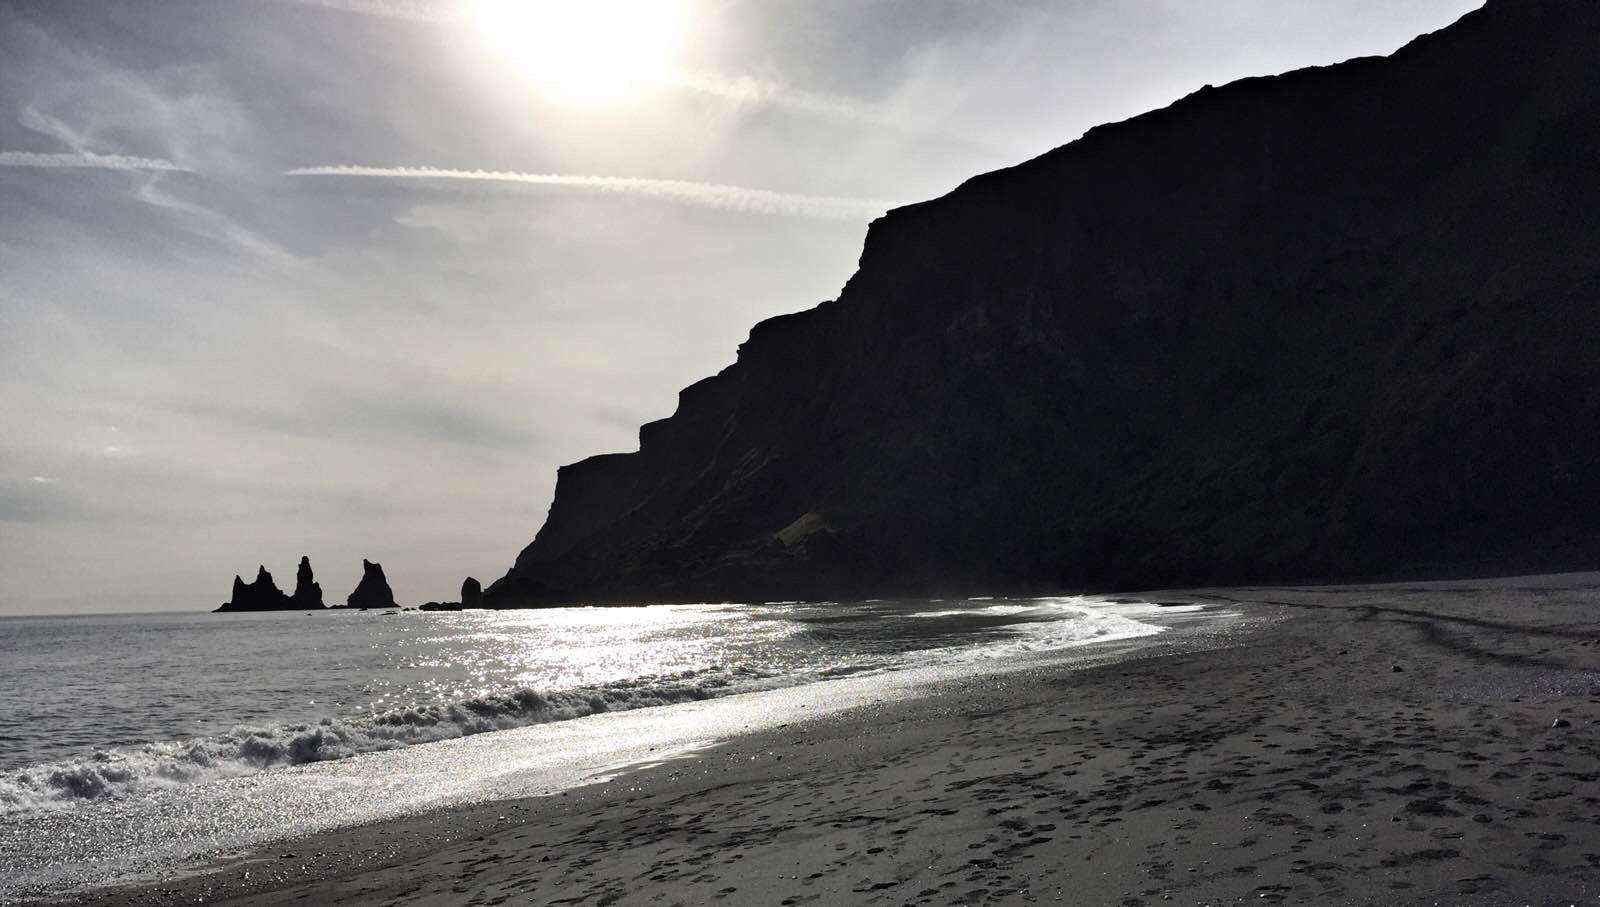 冰岛有个地方,四周都是黑色沙滩,上面的沙子只能看不能动?